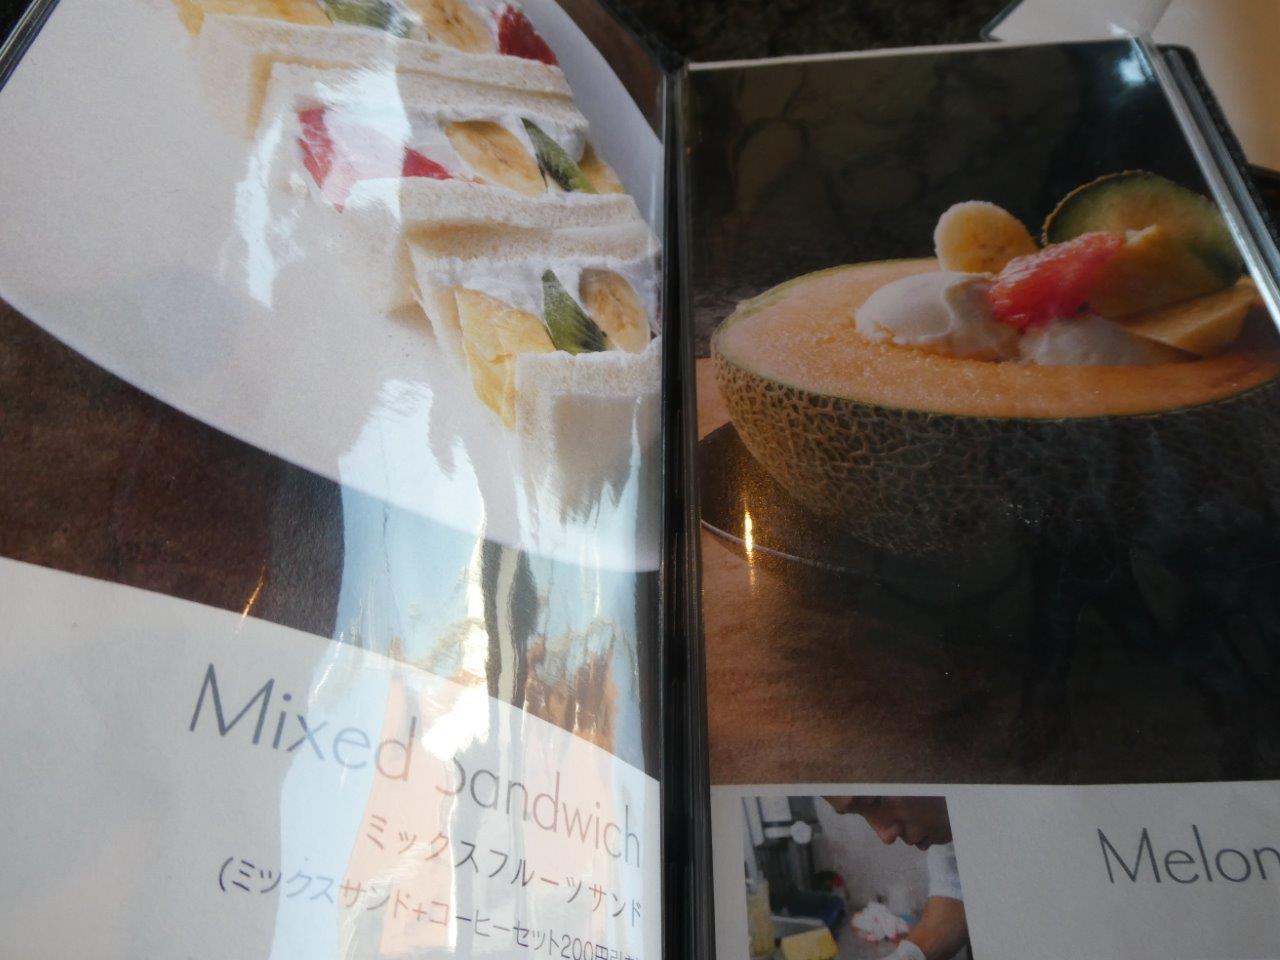 千馬ミヤビ (Miyabi)果物に精通した_d0106134_16011707.jpg